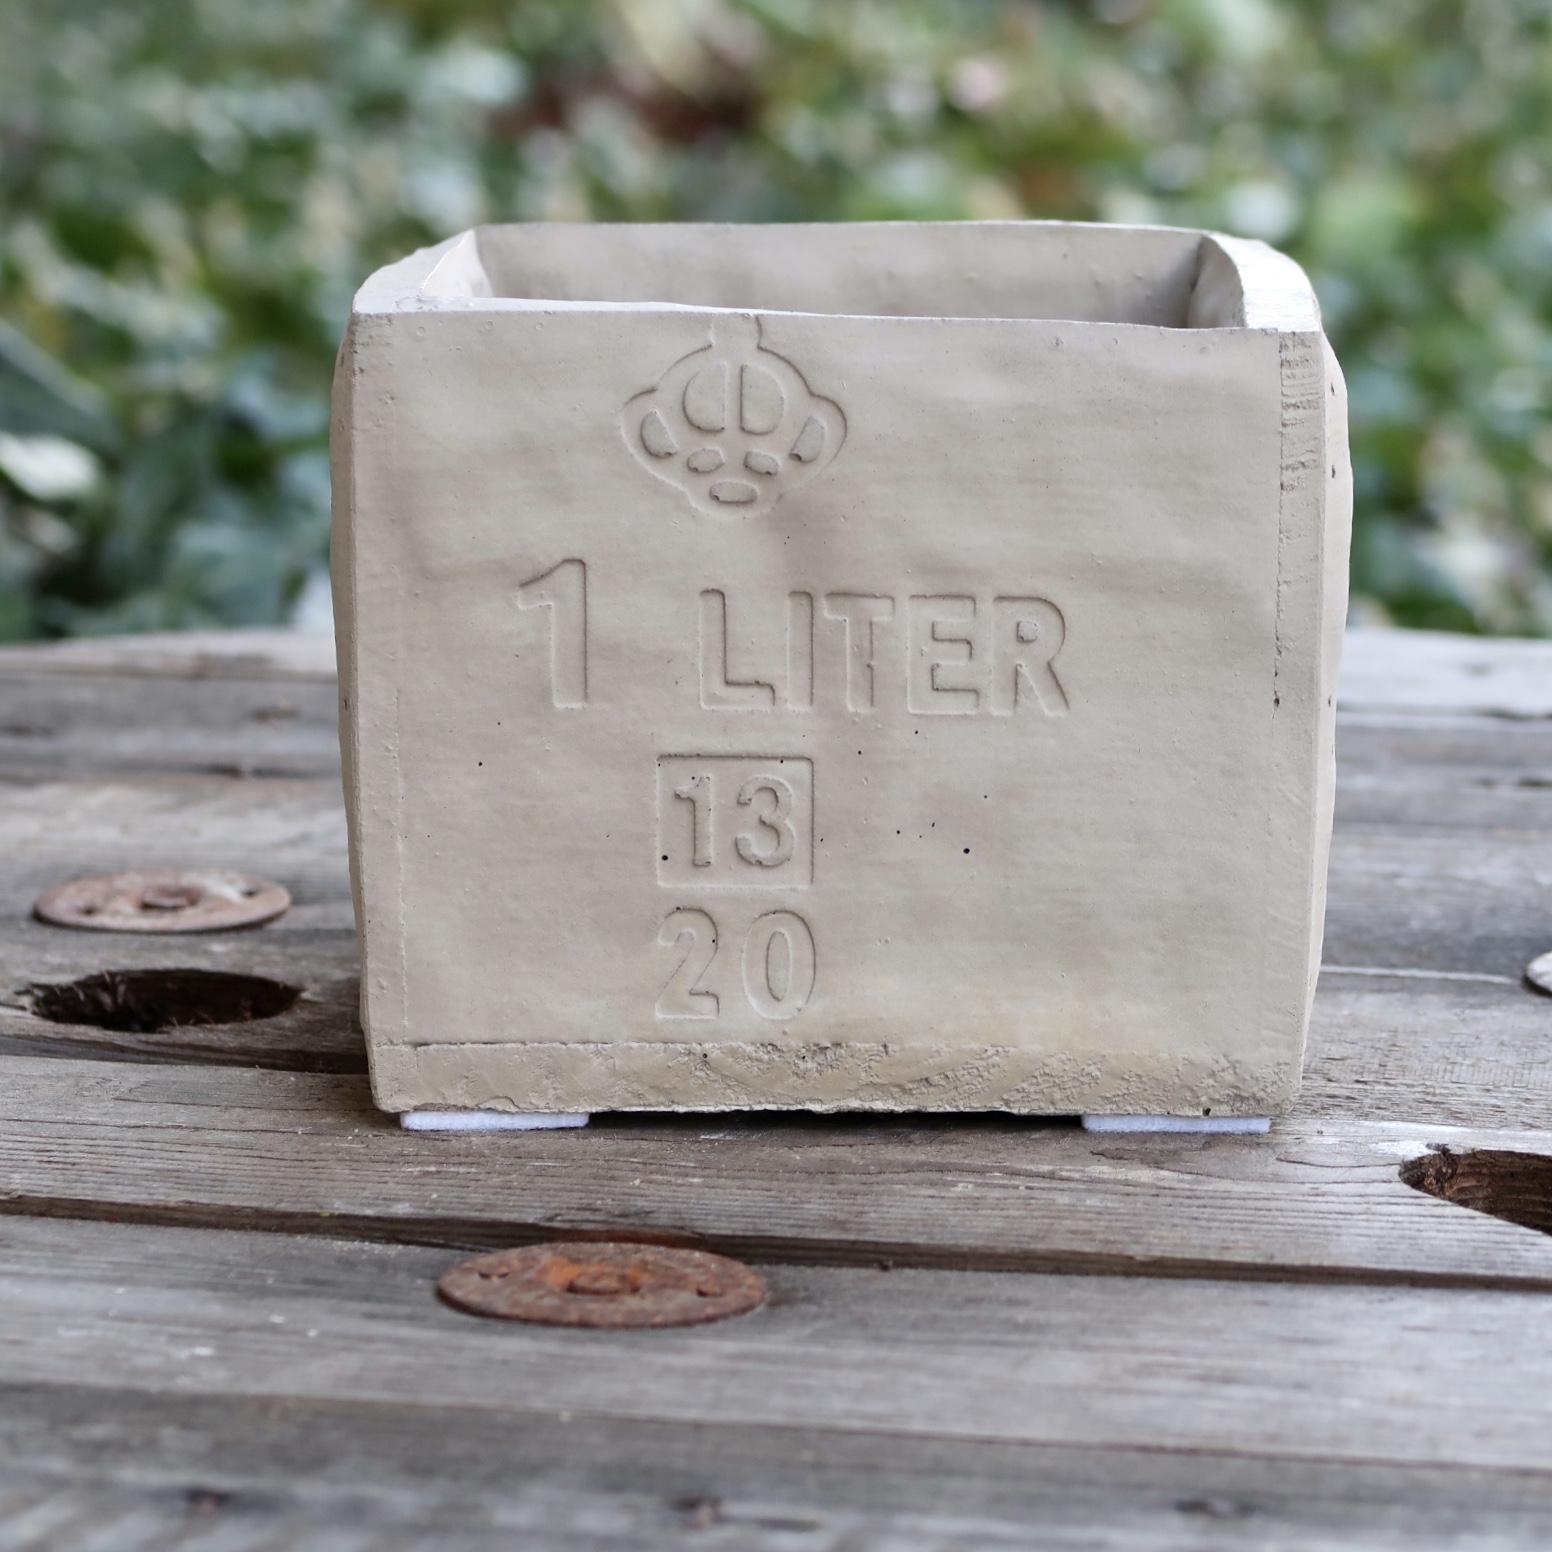 1 Liter kruka i betong